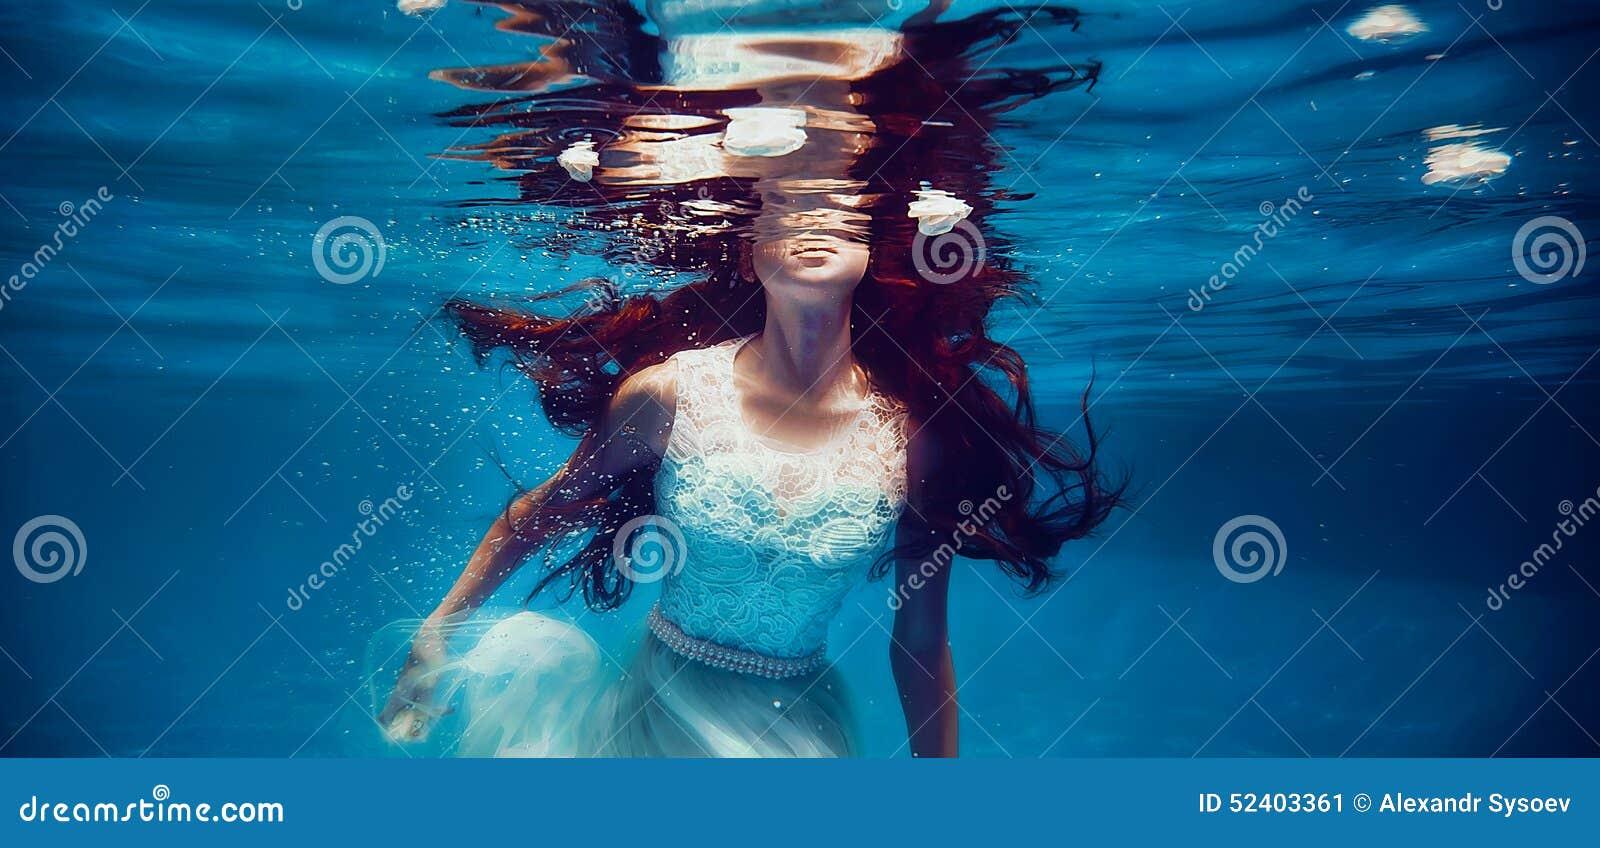 7b748d63dfc5a6 Onderwater Zwemmen Van Het Meisje Stock Afbeelding - Afbeelding ...